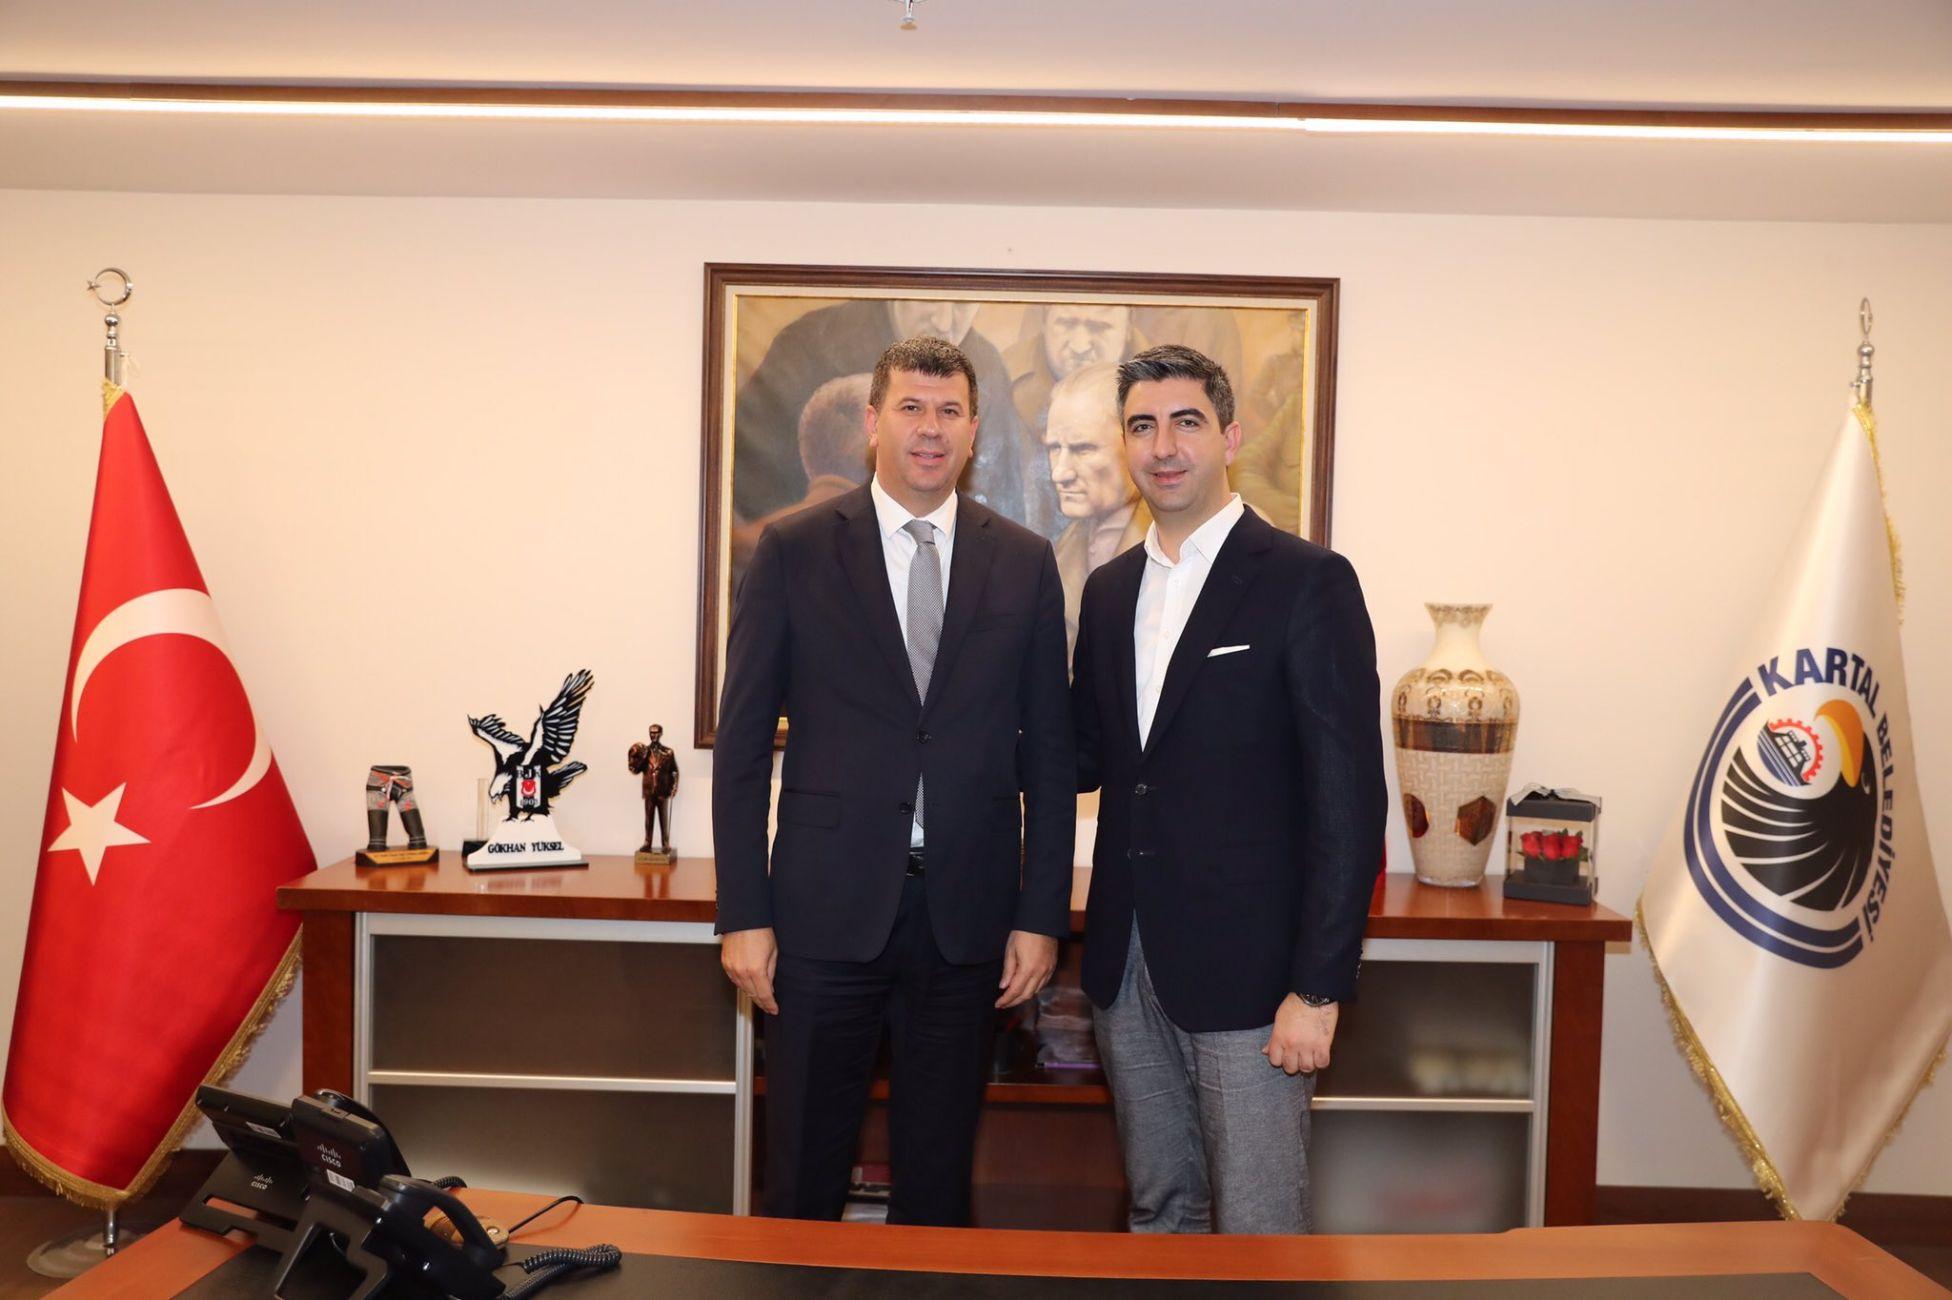 Kadıköy Belediye Başkanı Şerdil Odabaşı'ndan Başkan Gökhan Yüksel'e Ziyareti